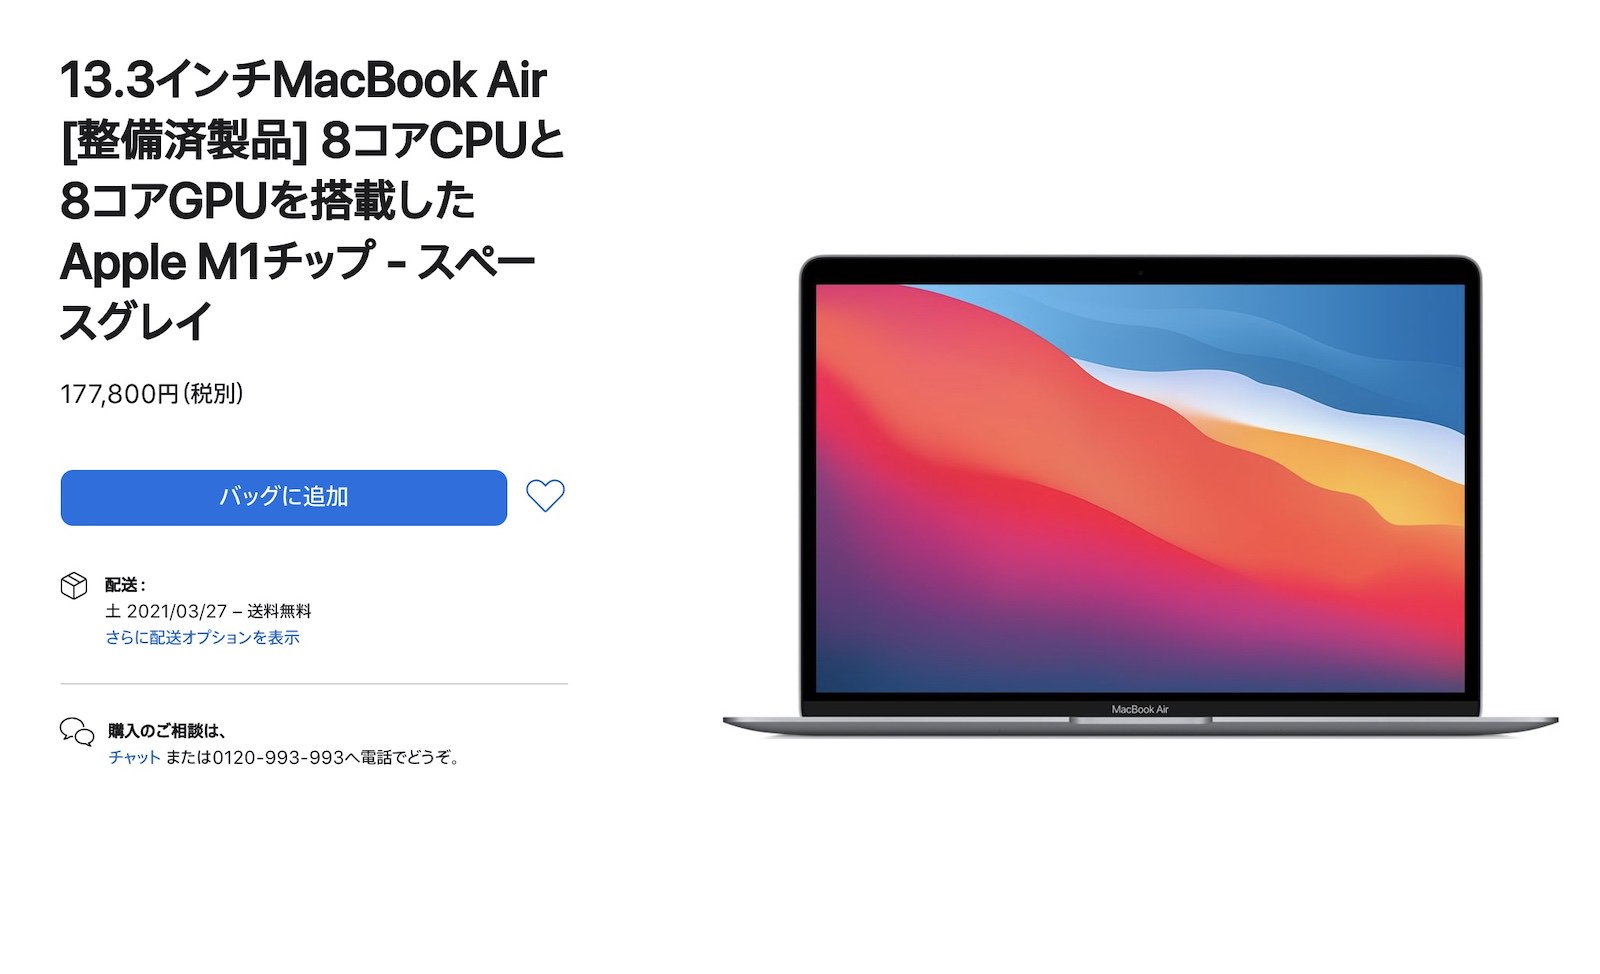 M1 macbook air refurbished price